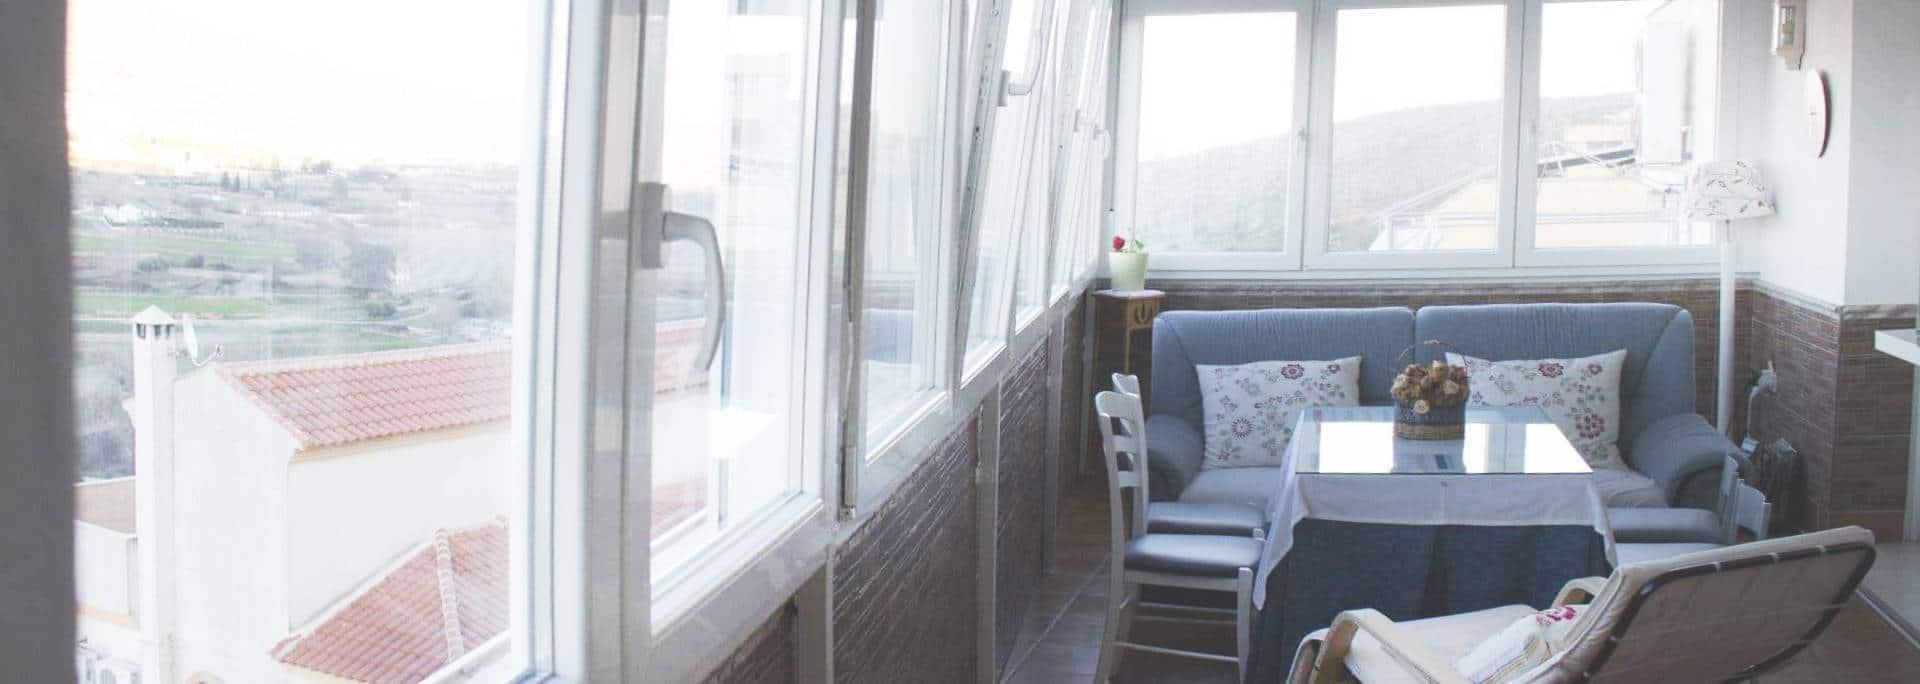 Por qué hacer un cerramiento en tu terraza - Consejos para cerramientos